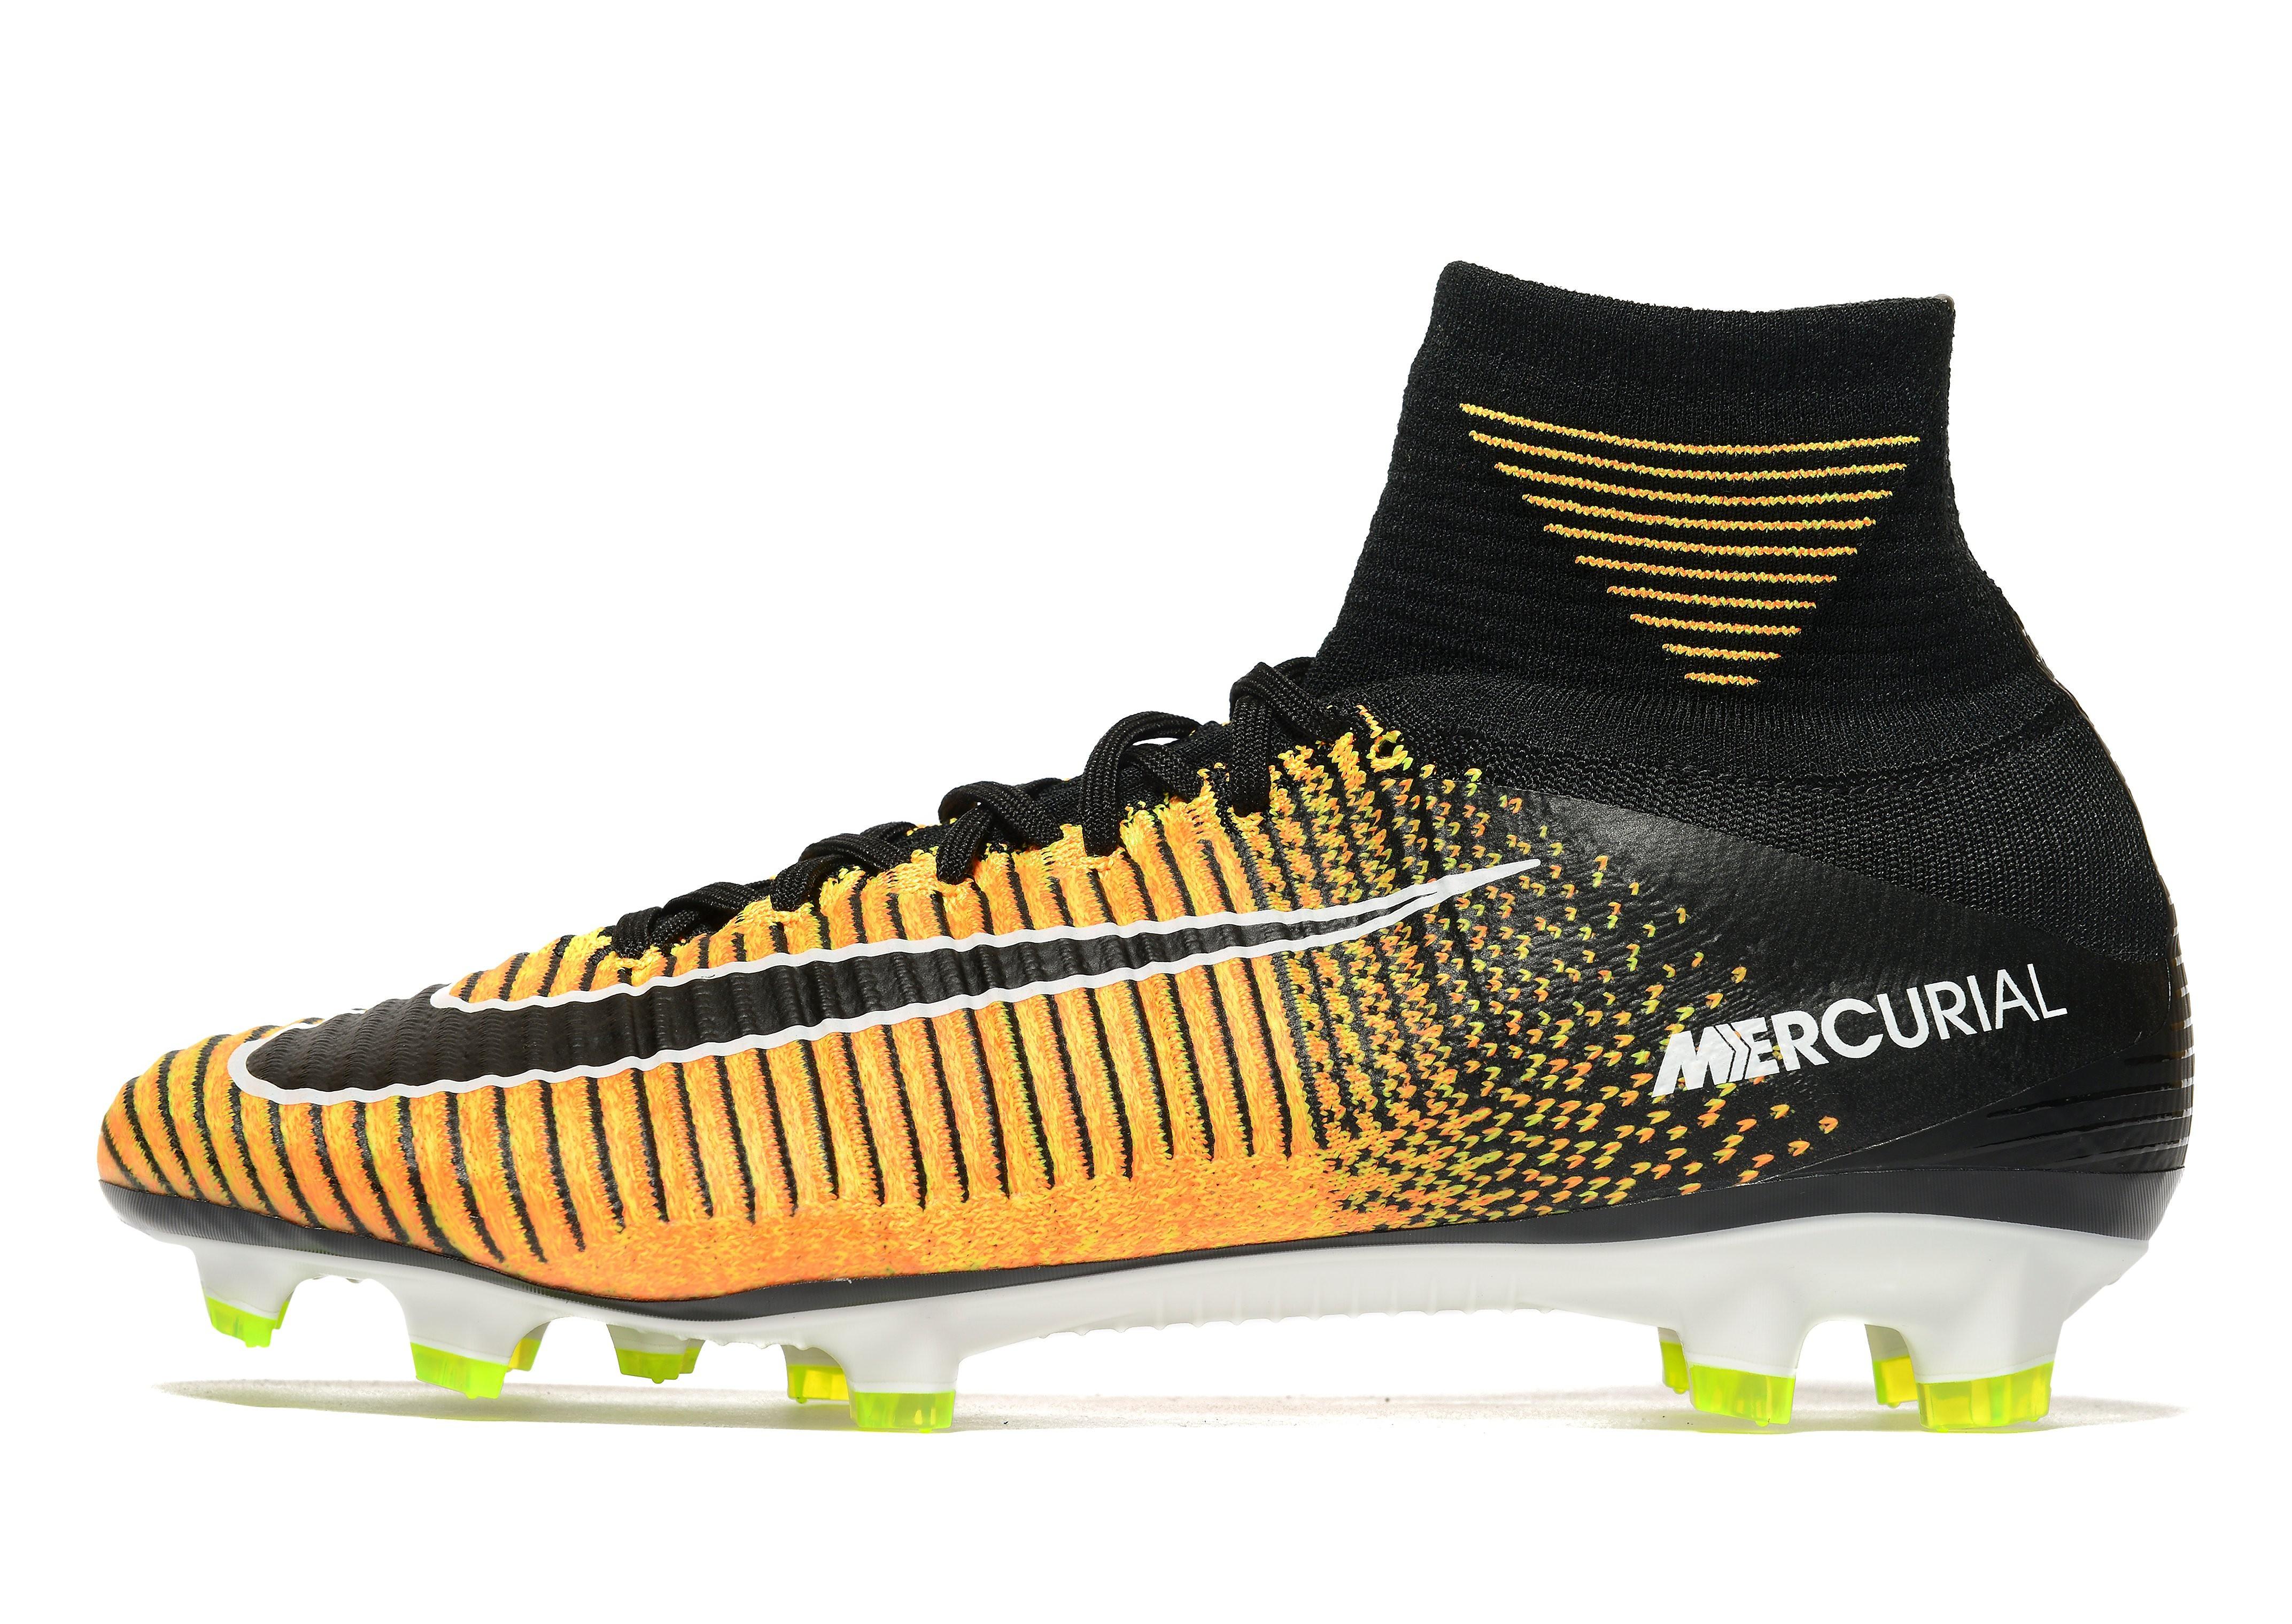 Nike Lock In Let Loose Mercurial Superfly FG